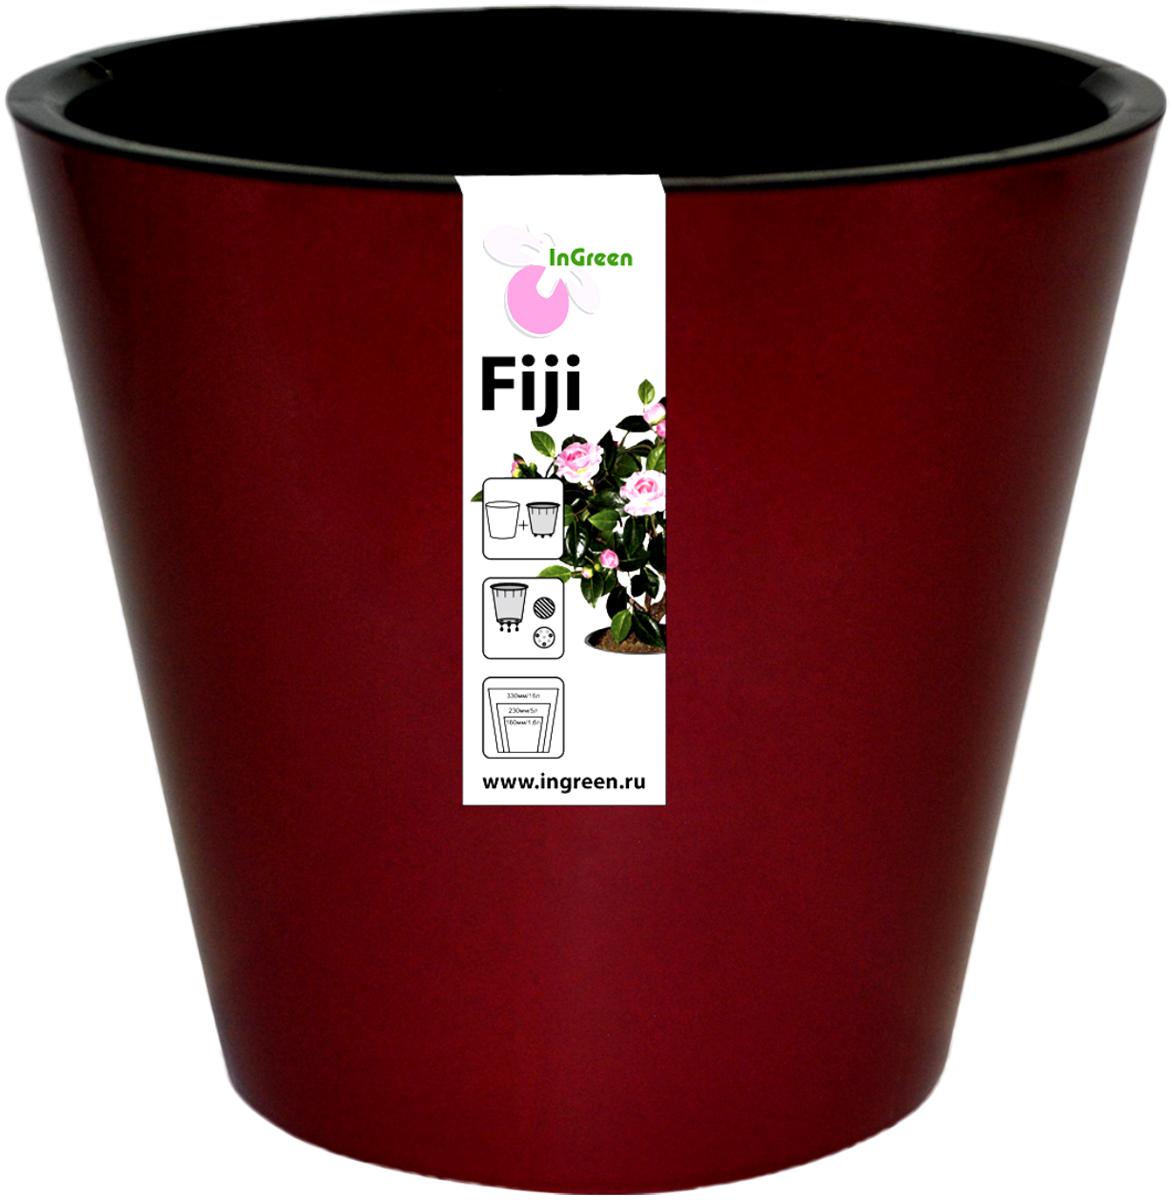 Горшок для цветов InGreen Фиджи, с ситемой атополива, цвет: бордовый, диаметр 23 смING1555БРГоршок InGreen Фиджи, выполненный из высококачественного пластика, предназначен для выращивания комнатных цветов, растений и трав. Специальная конструкция обеспечивает вентиляцию в корневой системе растения, а дренажные отверстия позволяют выходить лишней влаге из почвы. Изделие состоит из цветного кашпо и внутреннего горшка. Растение высаживается во внутренний горшок и вставляется в кашпо. Инновационная система автополива обладает рядом преимуществ: экономит время при уходе за растением, вода не протекает при поливе и нет необходимости в подставке, корни не застаиваются в воде. Такой горшок порадует вас современным дизайном и функциональностью, а также оригинально украсит интерьер любого помещения. Объем горшка: 5 л. Диаметр горшка (по верхнему краю): 23 см. Высота горшка: 20,8 см.